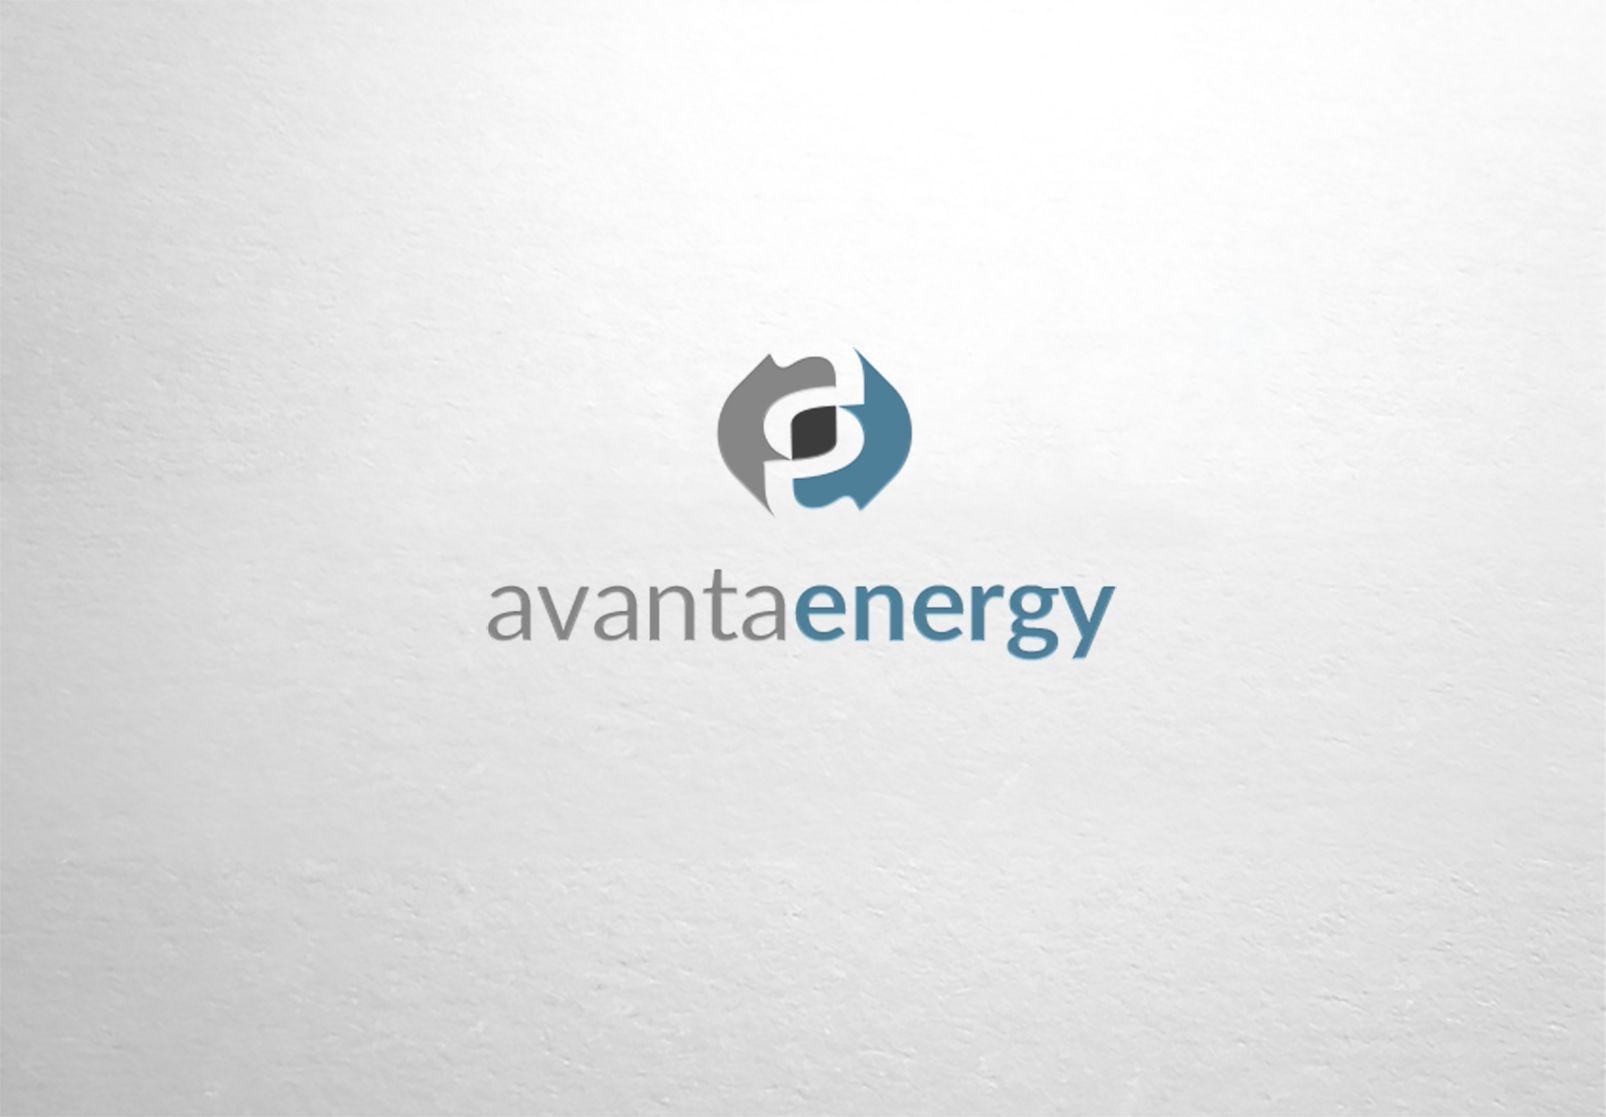 Фирмстиль + лого для переводческой компании - дизайнер dron55